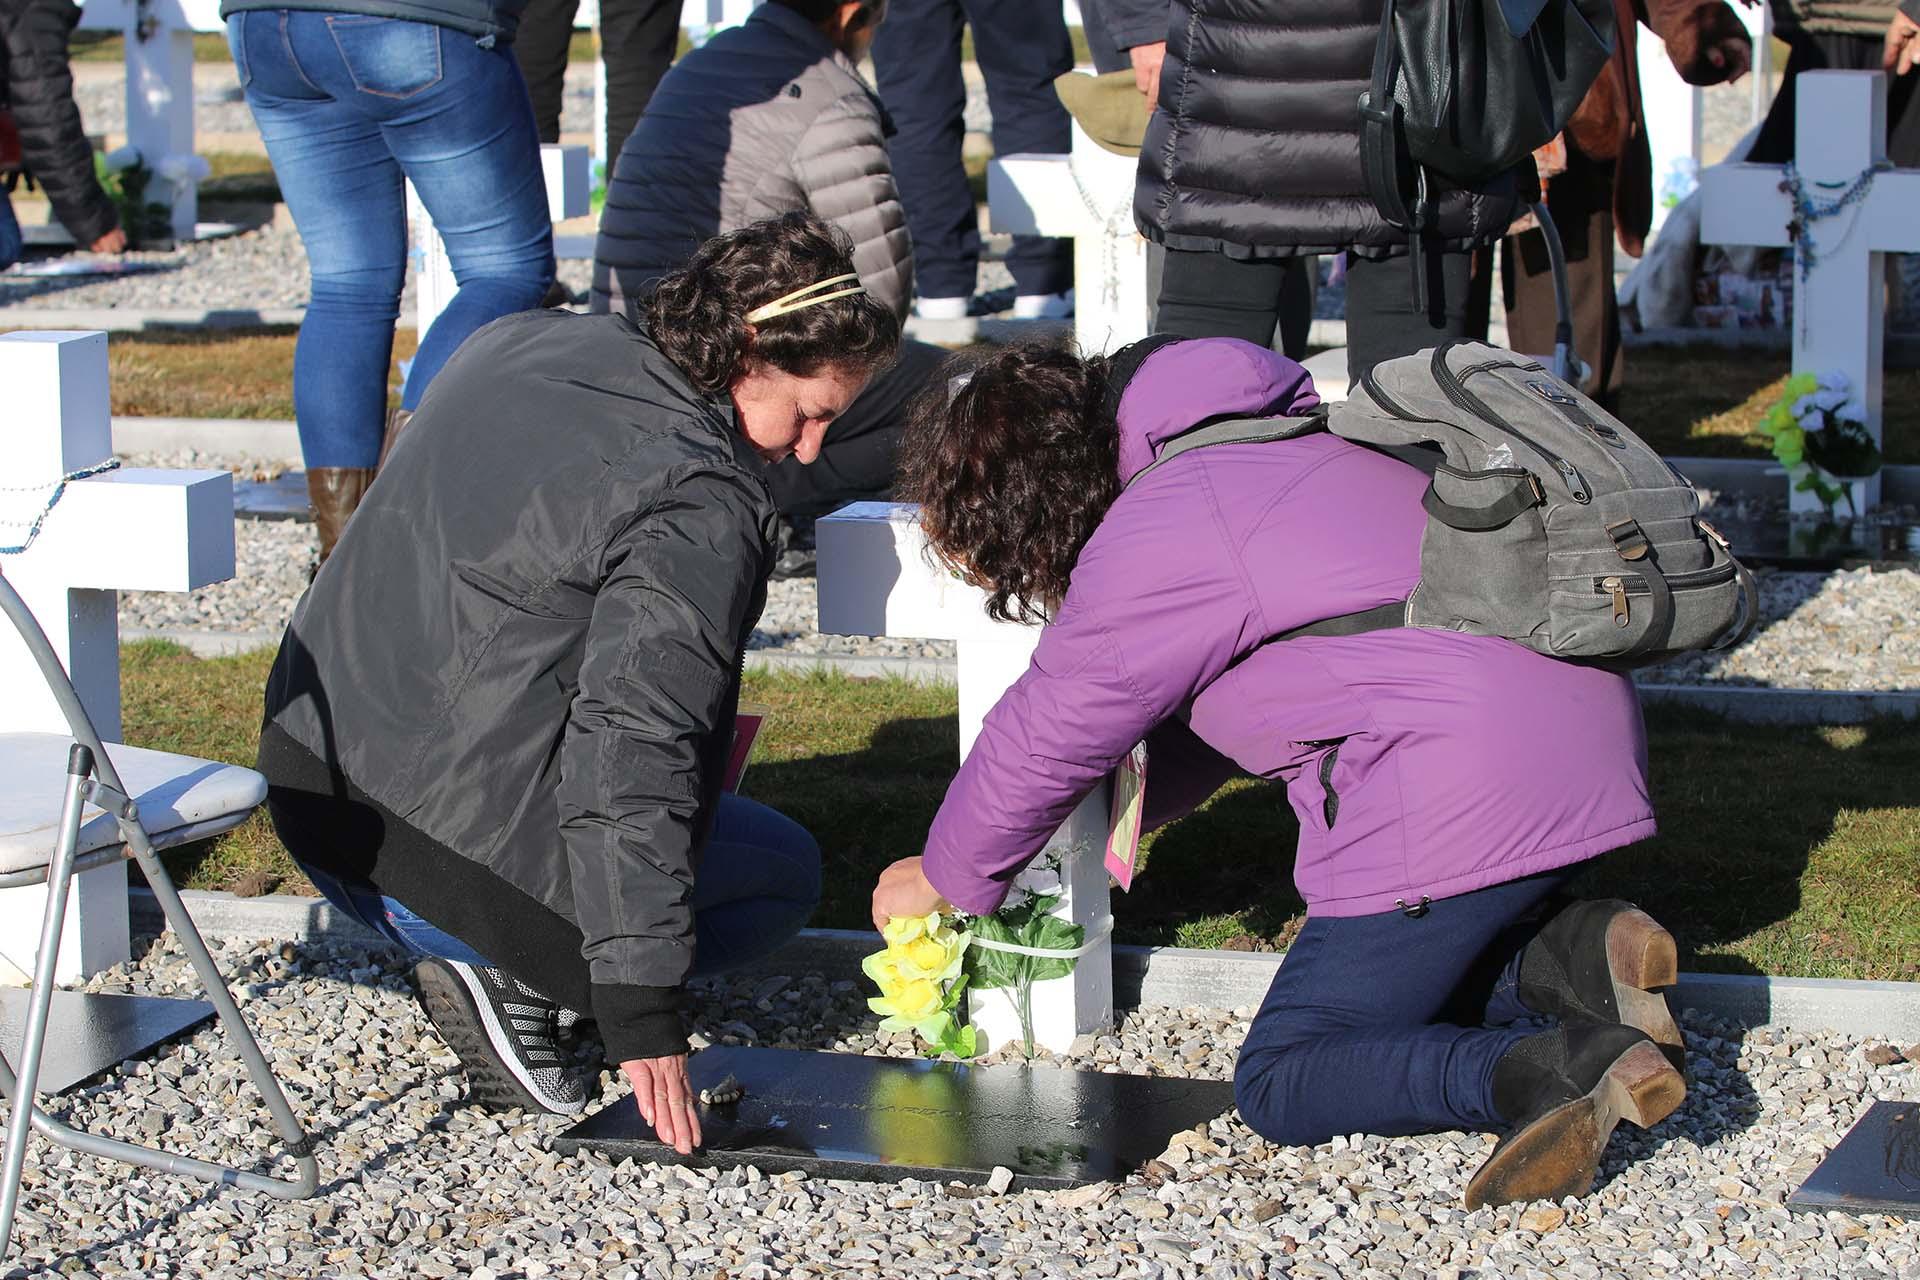 La Secretaría de Derechos Humanos llevó las flores para las tumbas y las entregó con un precinto para que las familias pudieran colocarlas en las cruces y que permanezcan allí a pesar del inclemente viento de Malvinas